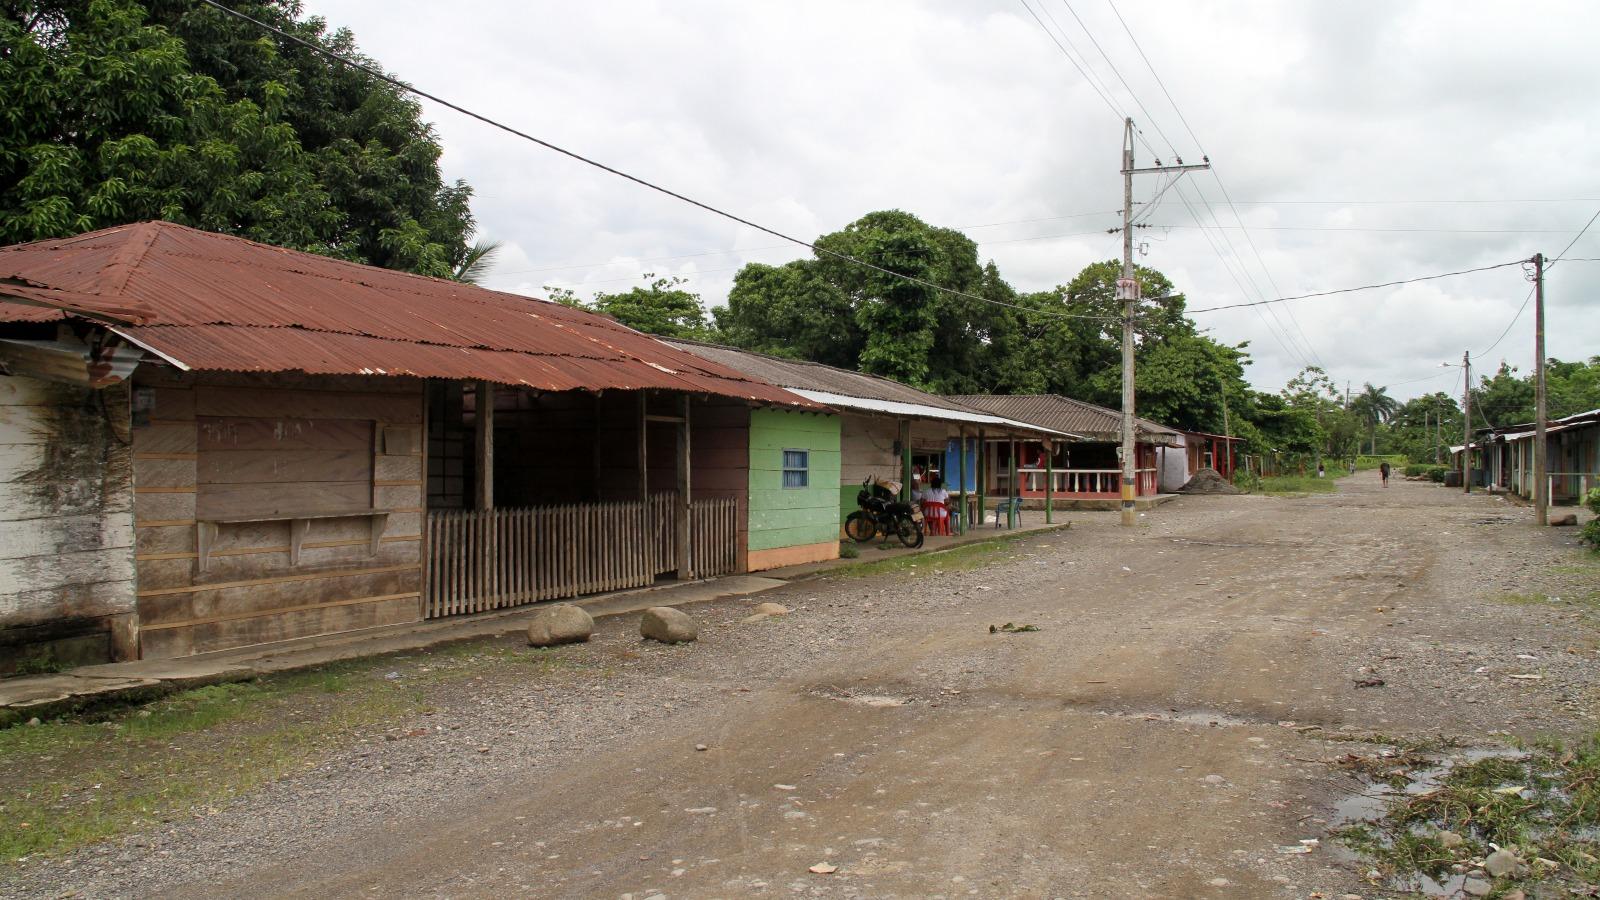 25 respiradores para 200.000 habitantes: así afrontan el coronavirus en Apartadó